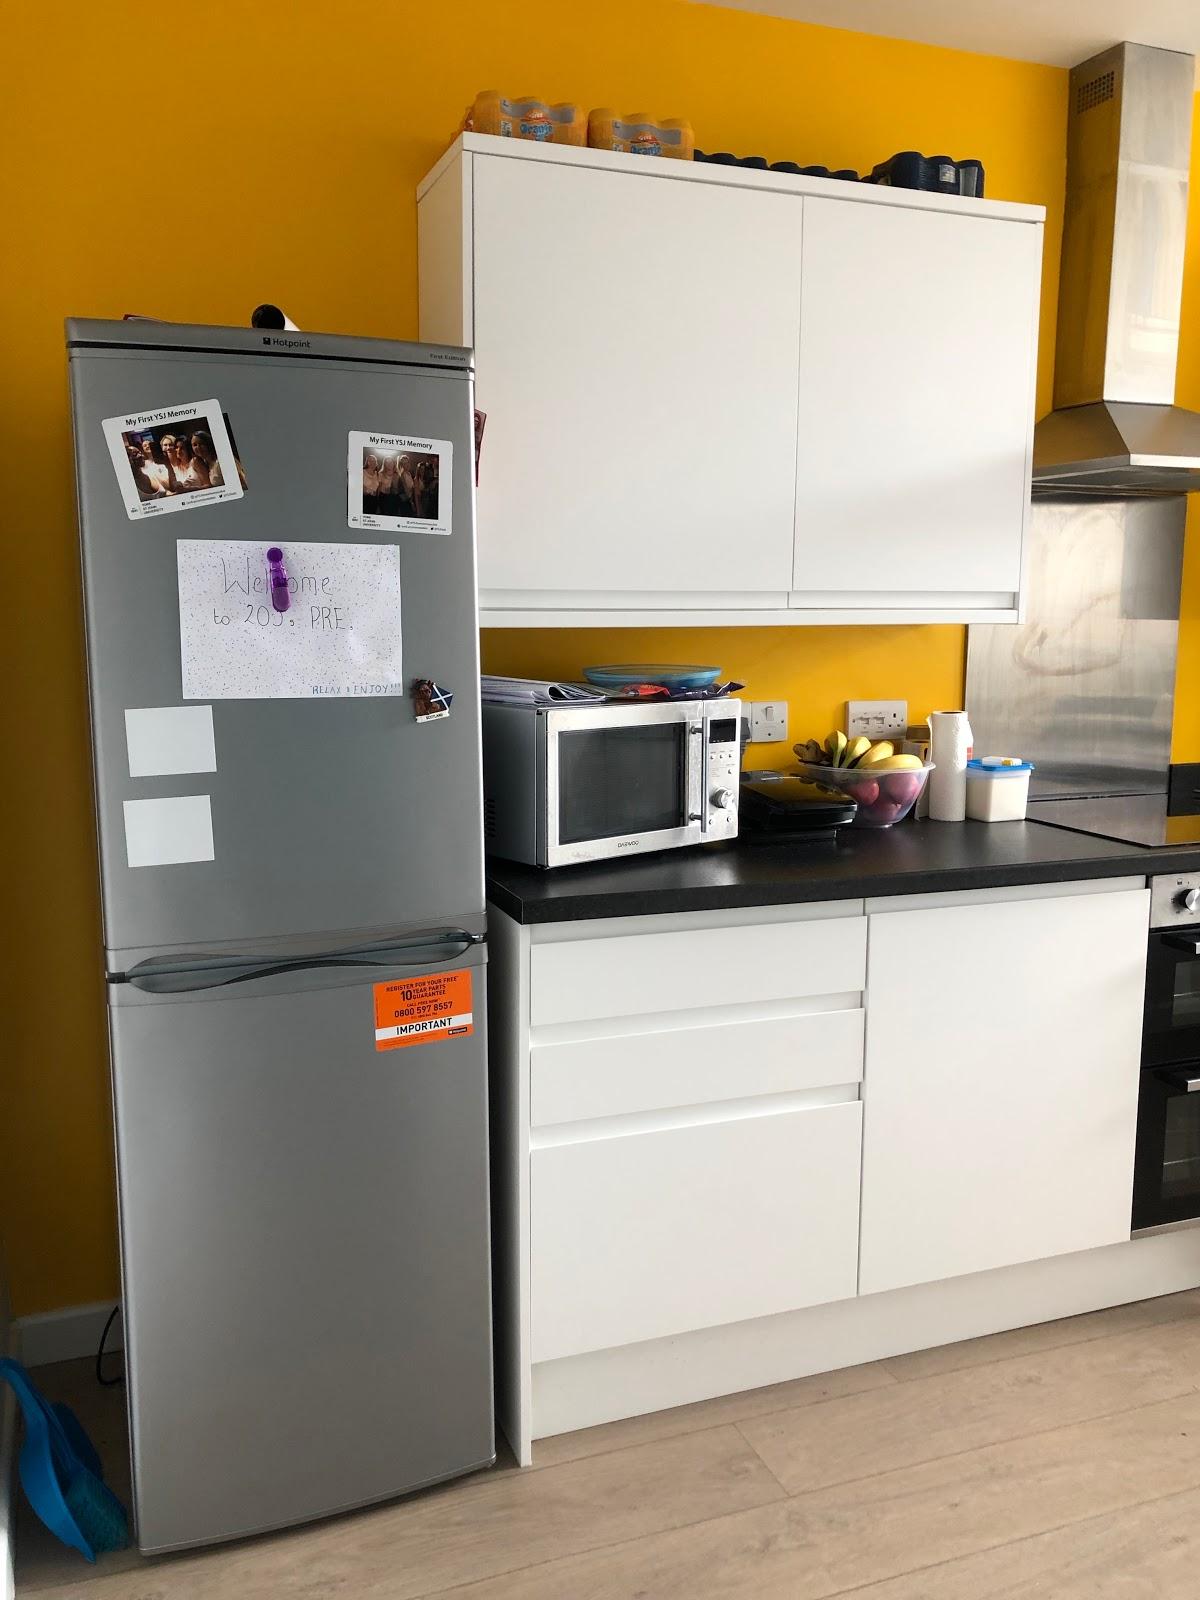 A fridge, cupboards, stove